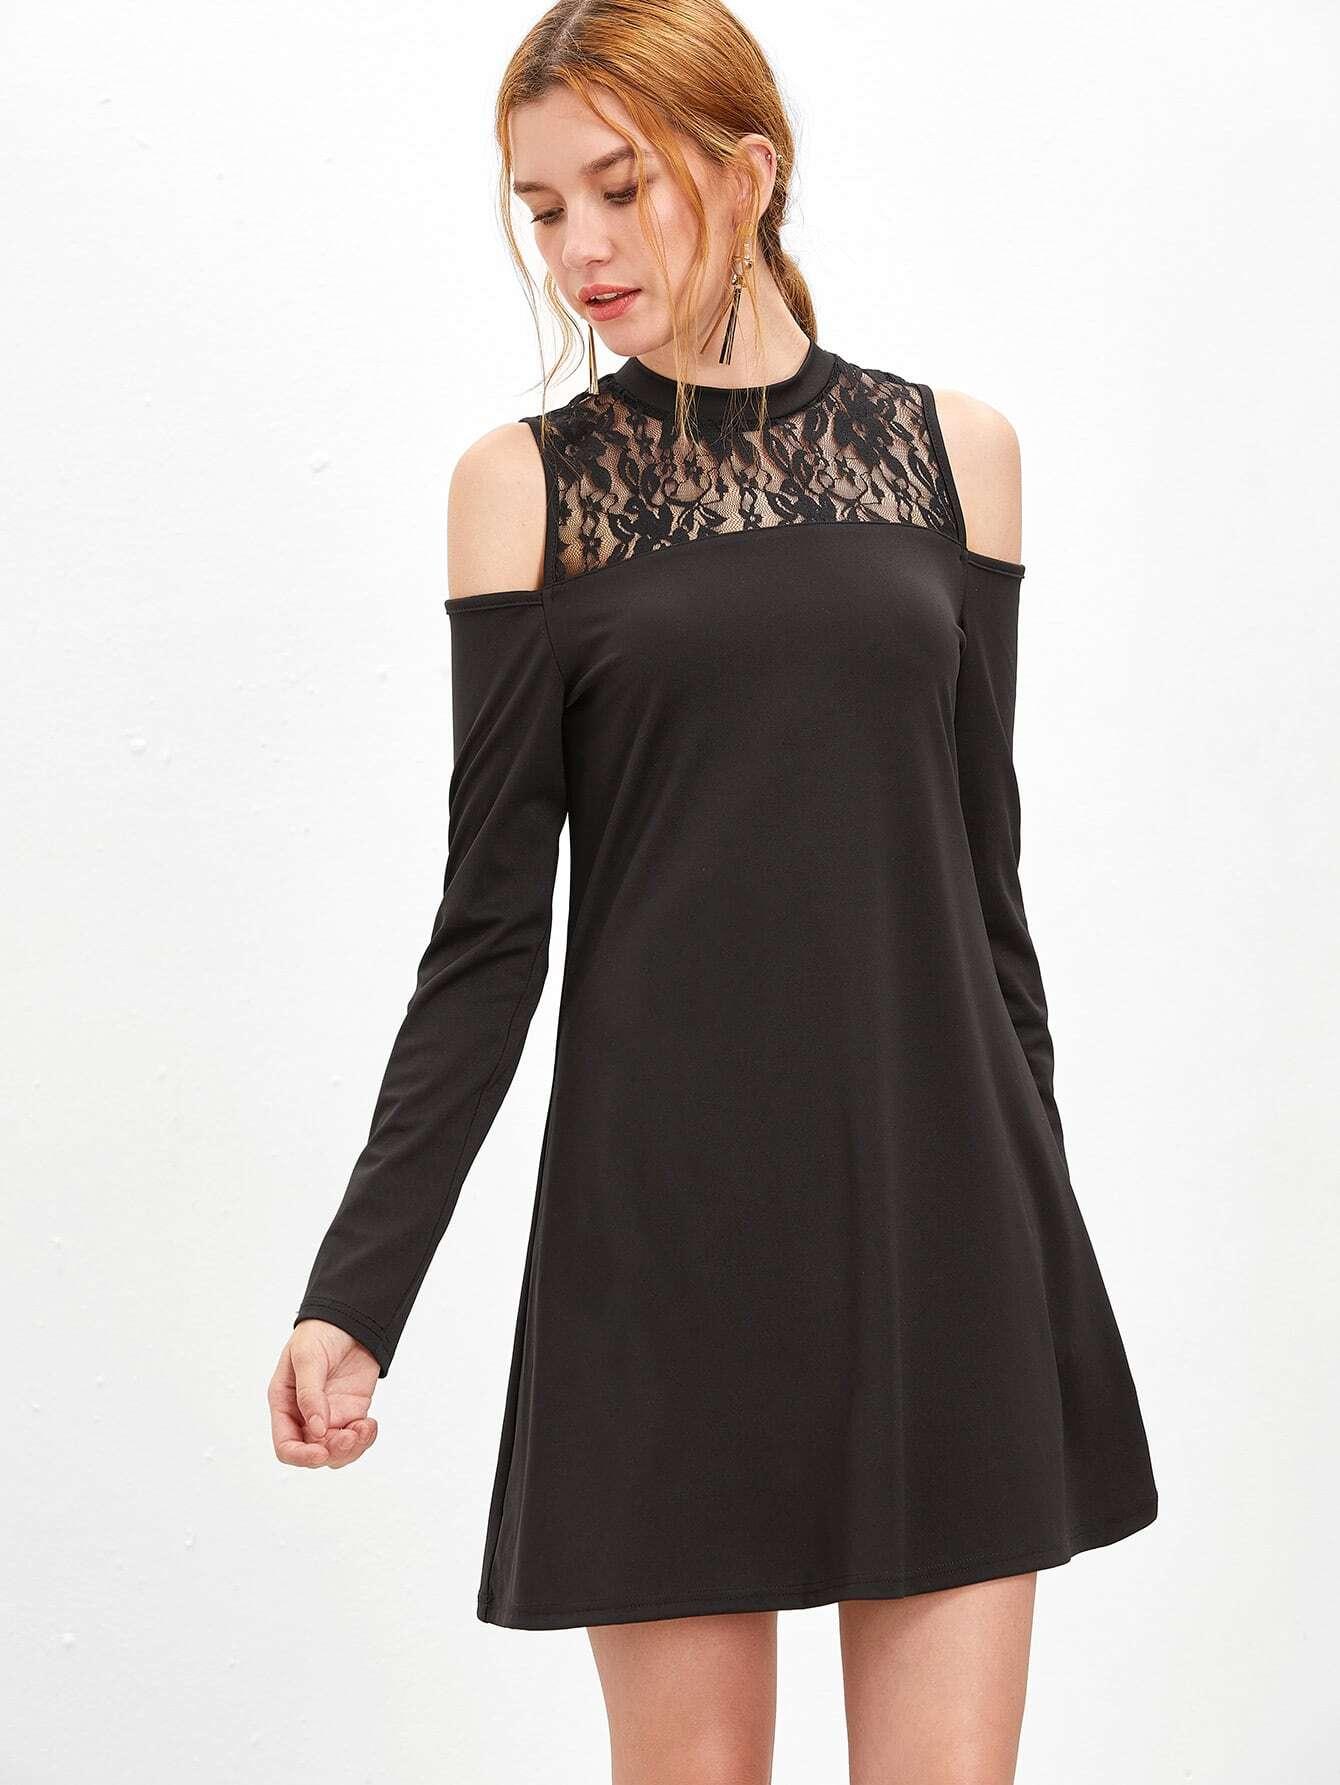 Black Floral Lace Neck Cold Shoulder A Line DressBlack Floral Lace Neck Cold Shoulder A Line Dress<br><br>color: Black<br>size: L,M,S,XS